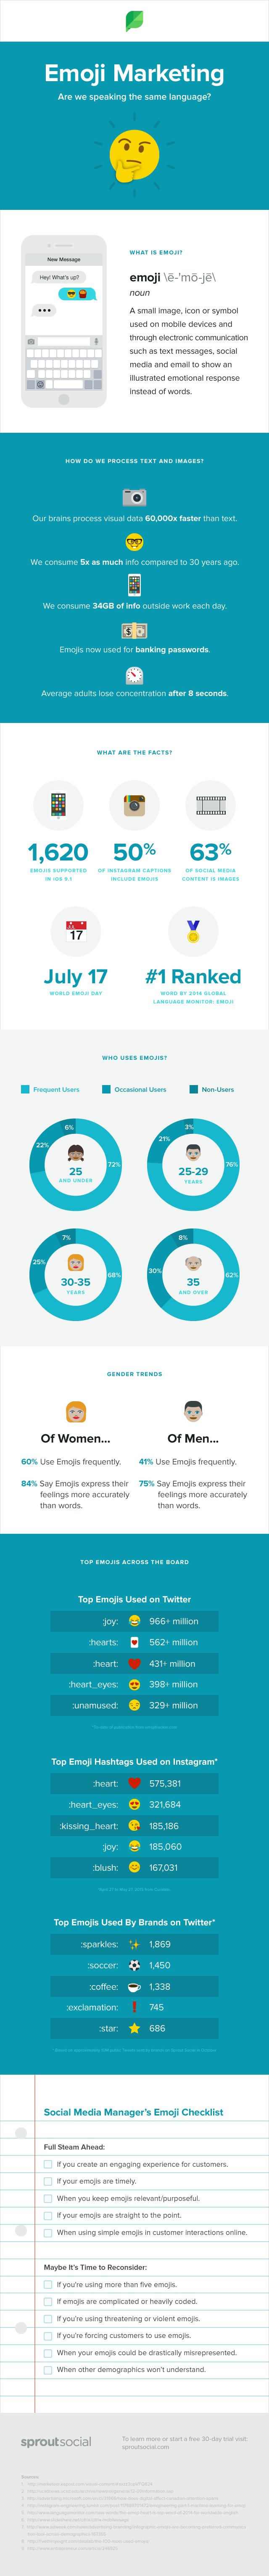 simbolos emoji infografia